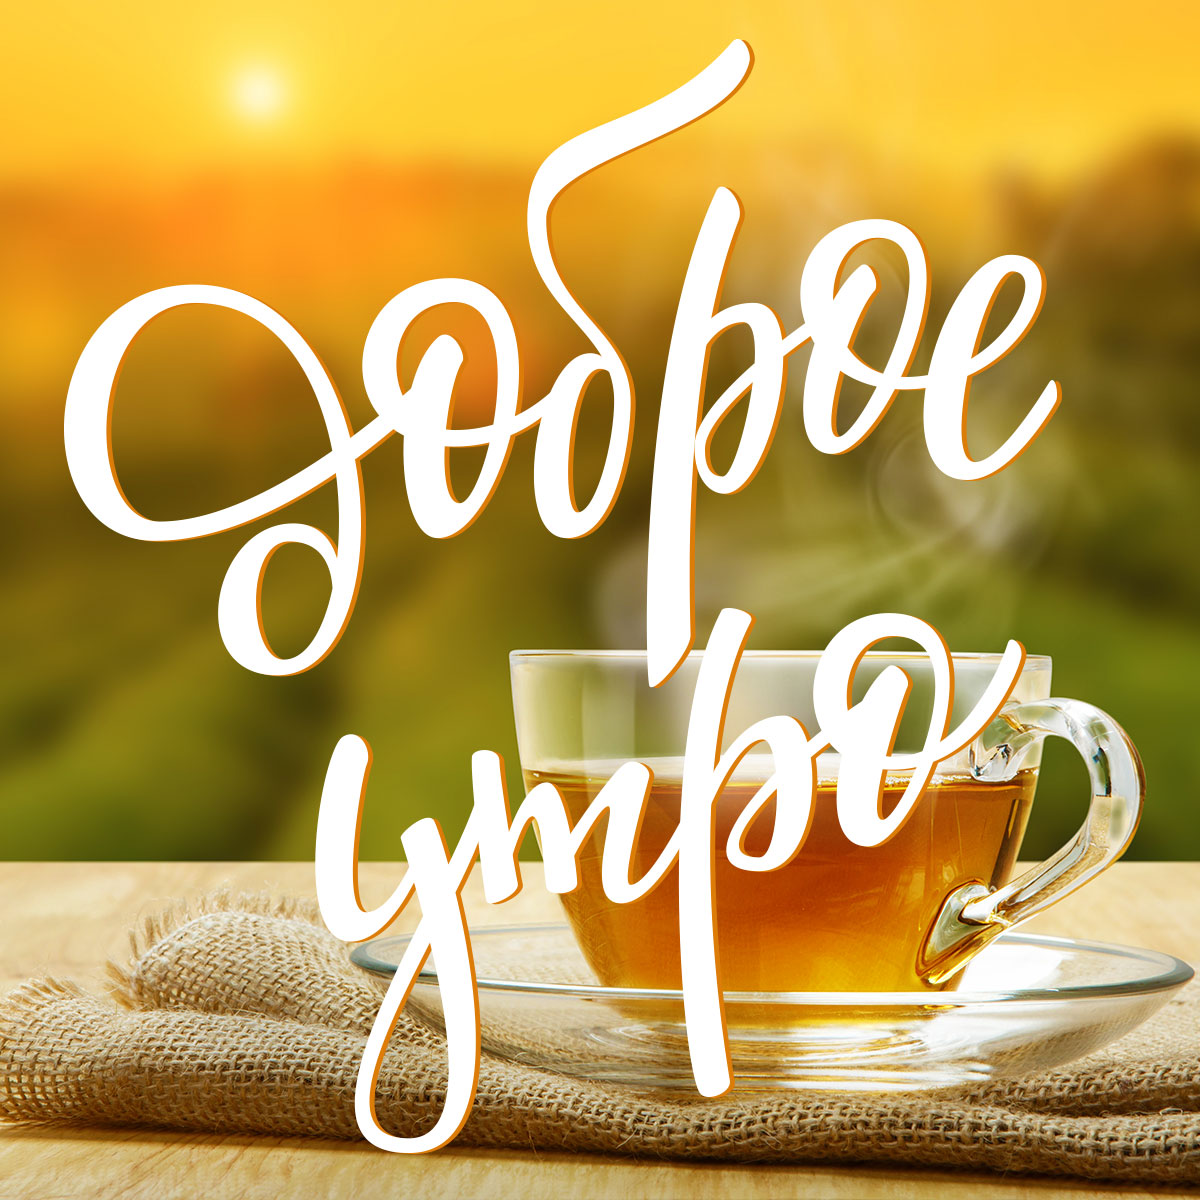 Чай в прозрачной чашке на блюдечке на фоне утреннего пейзажа.